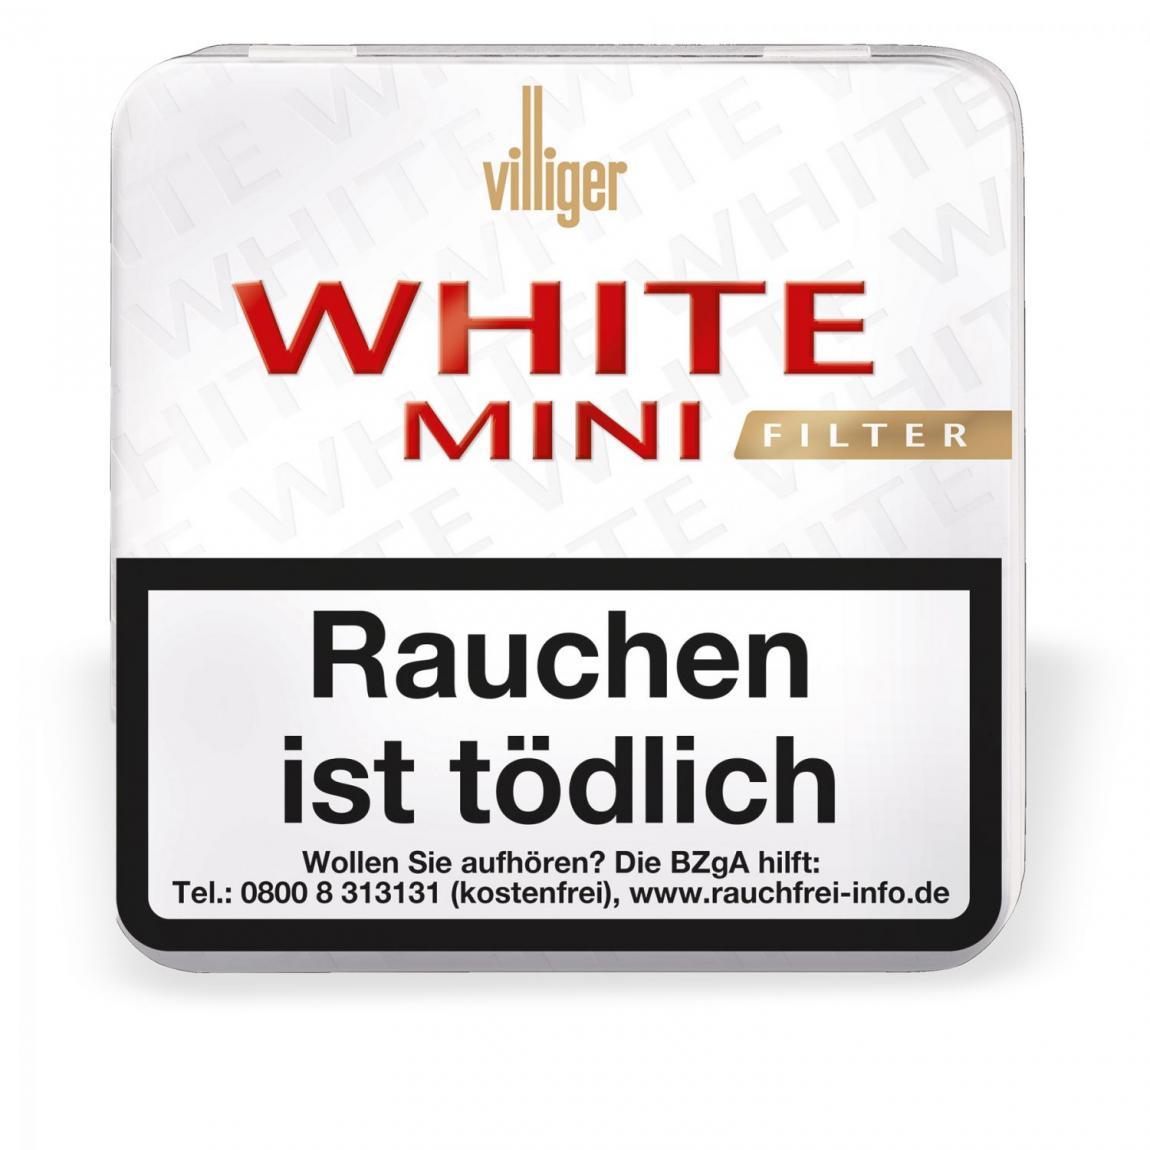 Villiger White Mini mit Filter 20er Metallschachtel